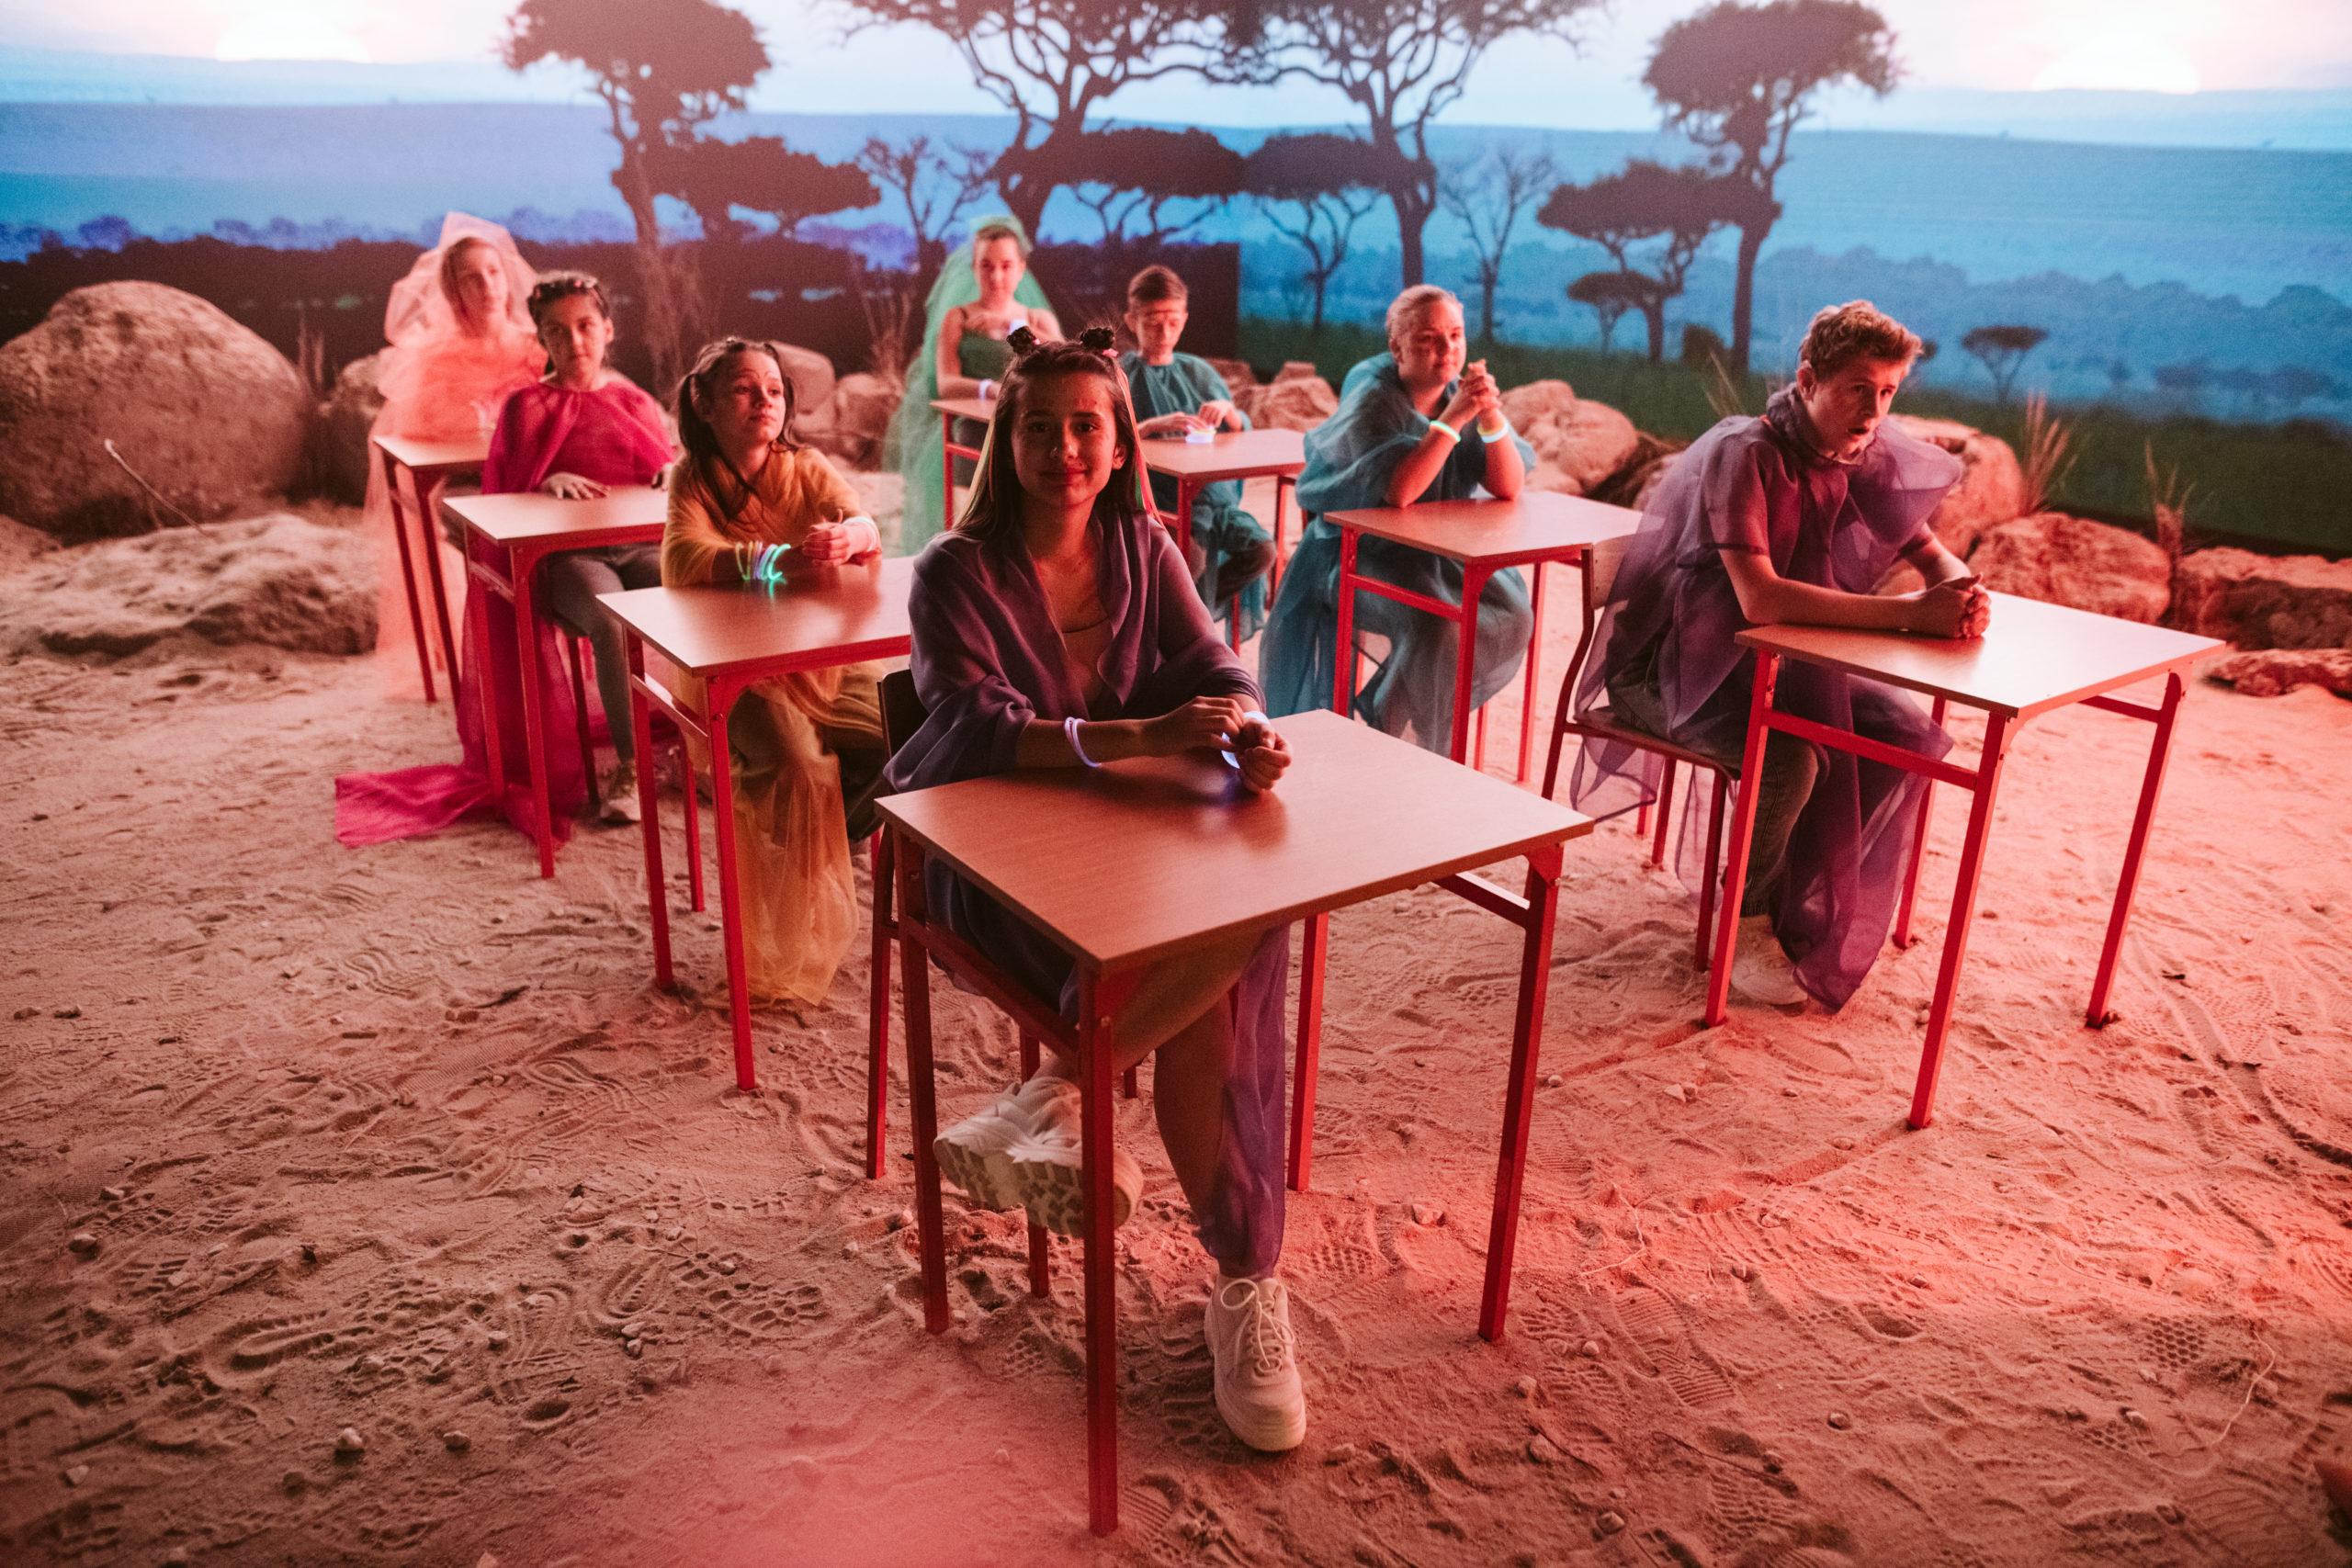 Plan zdjęciowy teledysku. Przy ławkach szkolnych siedzą dzieci, dookoła krajobraz sawanny w klimacie filmu